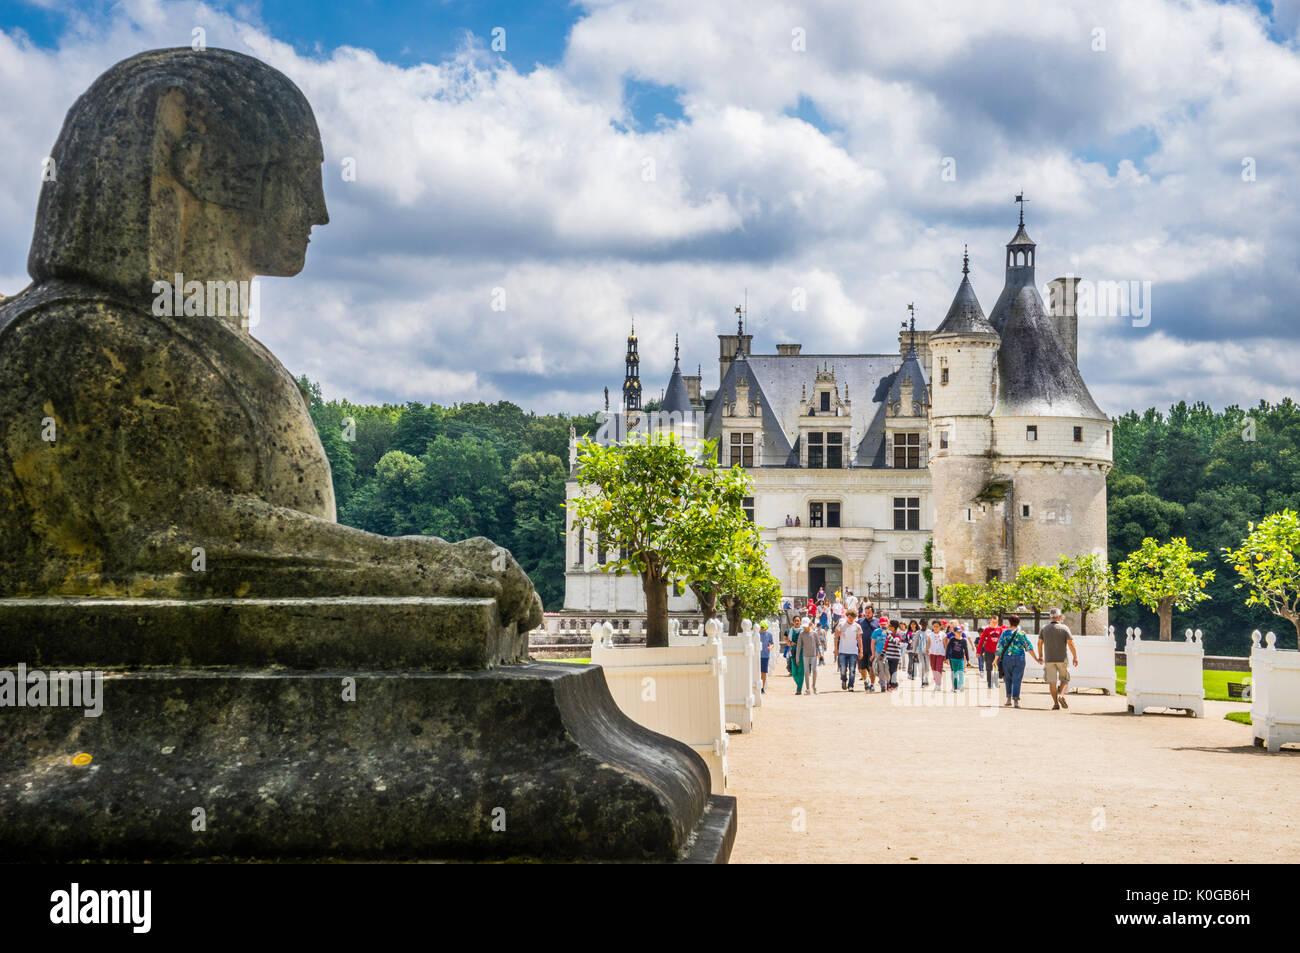 Francia, Indre-et-Loire departamento, Chenonceau, una esfinge que custodiaban la entrada al Château de Chenonceau, un gótico tardío del siglo XV y comienzos Renaissan Imagen De Stock